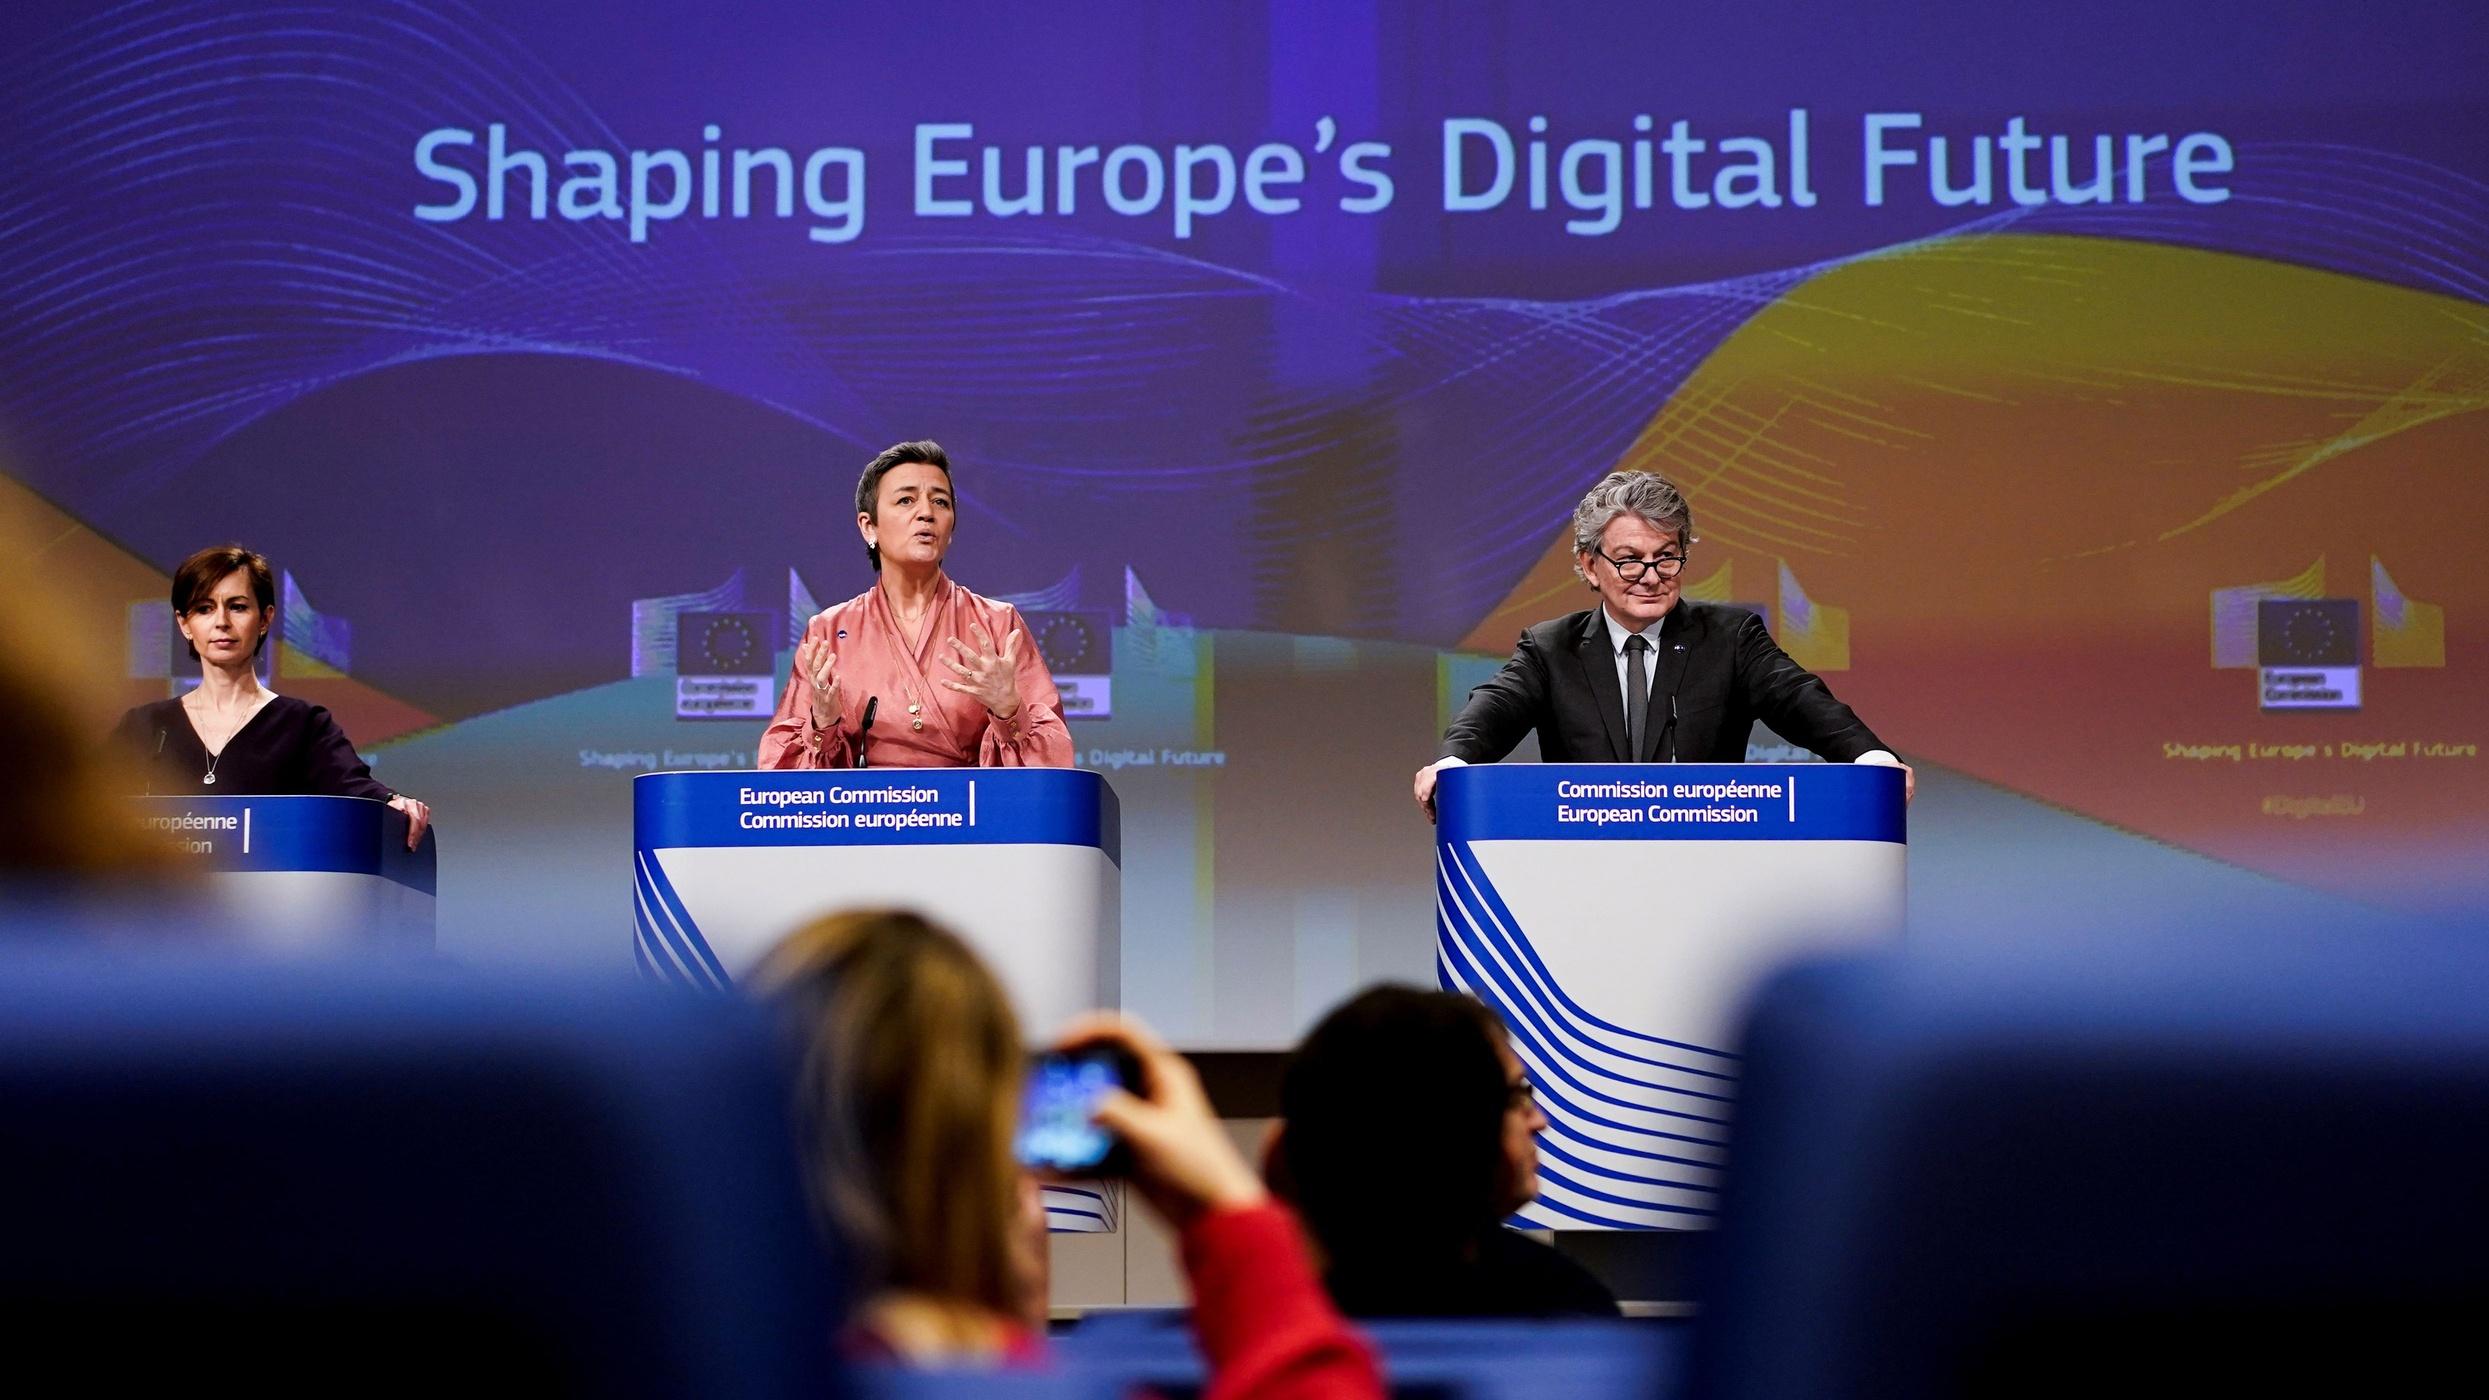 eu-digital-ft-img